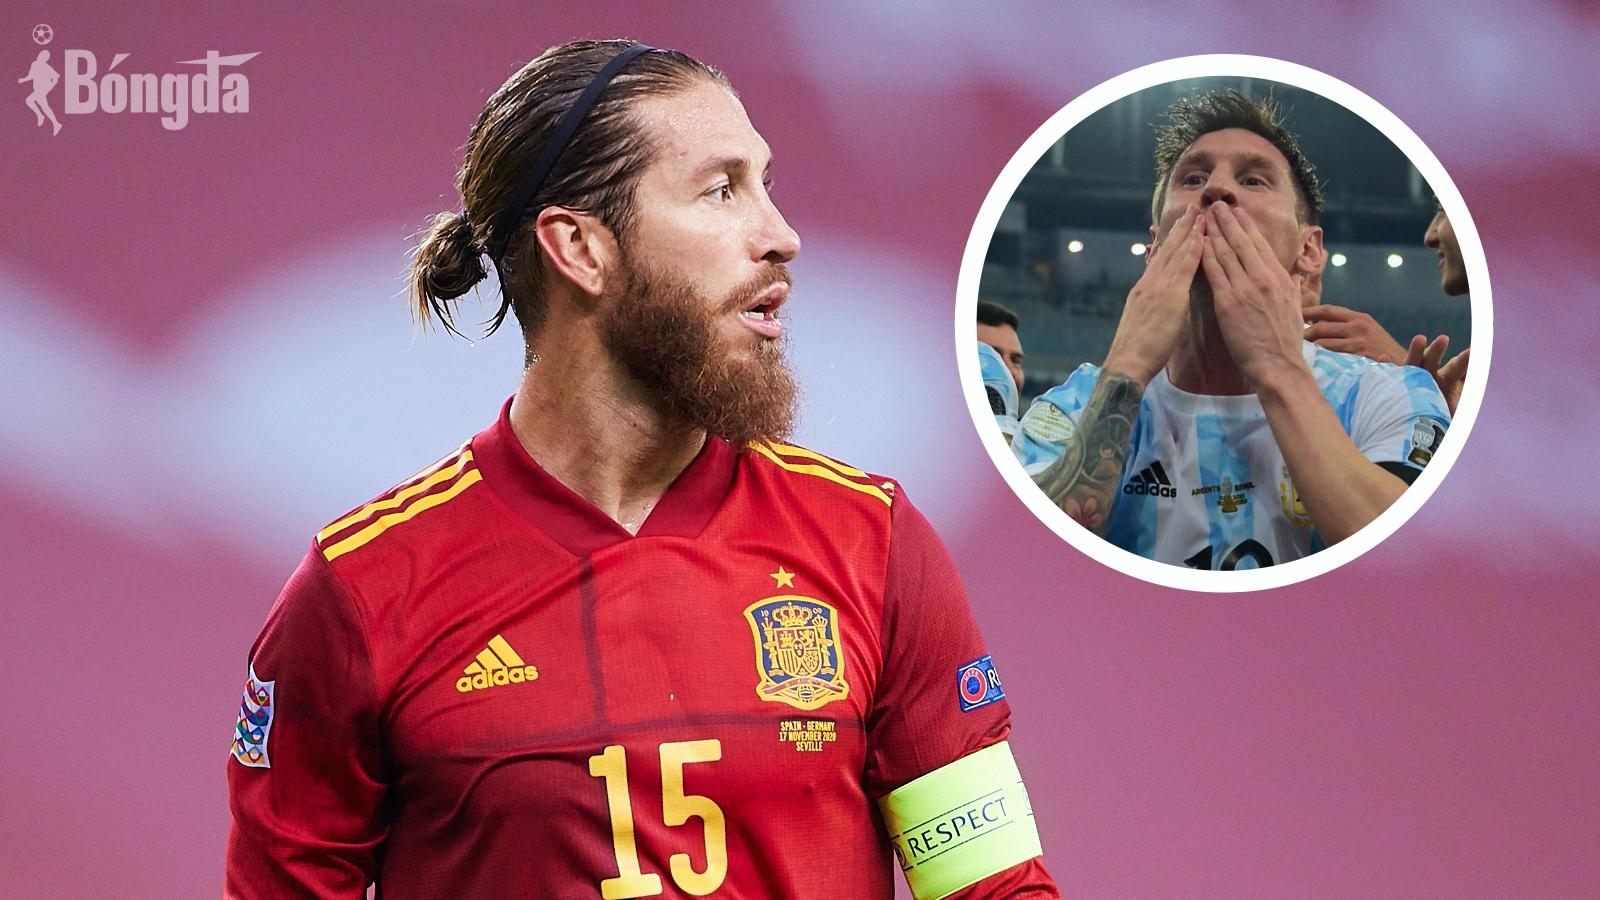 """Mơ về chung một nhà, Sergio Ramos ra sức """"tán tỉnh"""" Lionel Messi đầu quân cho PSG"""